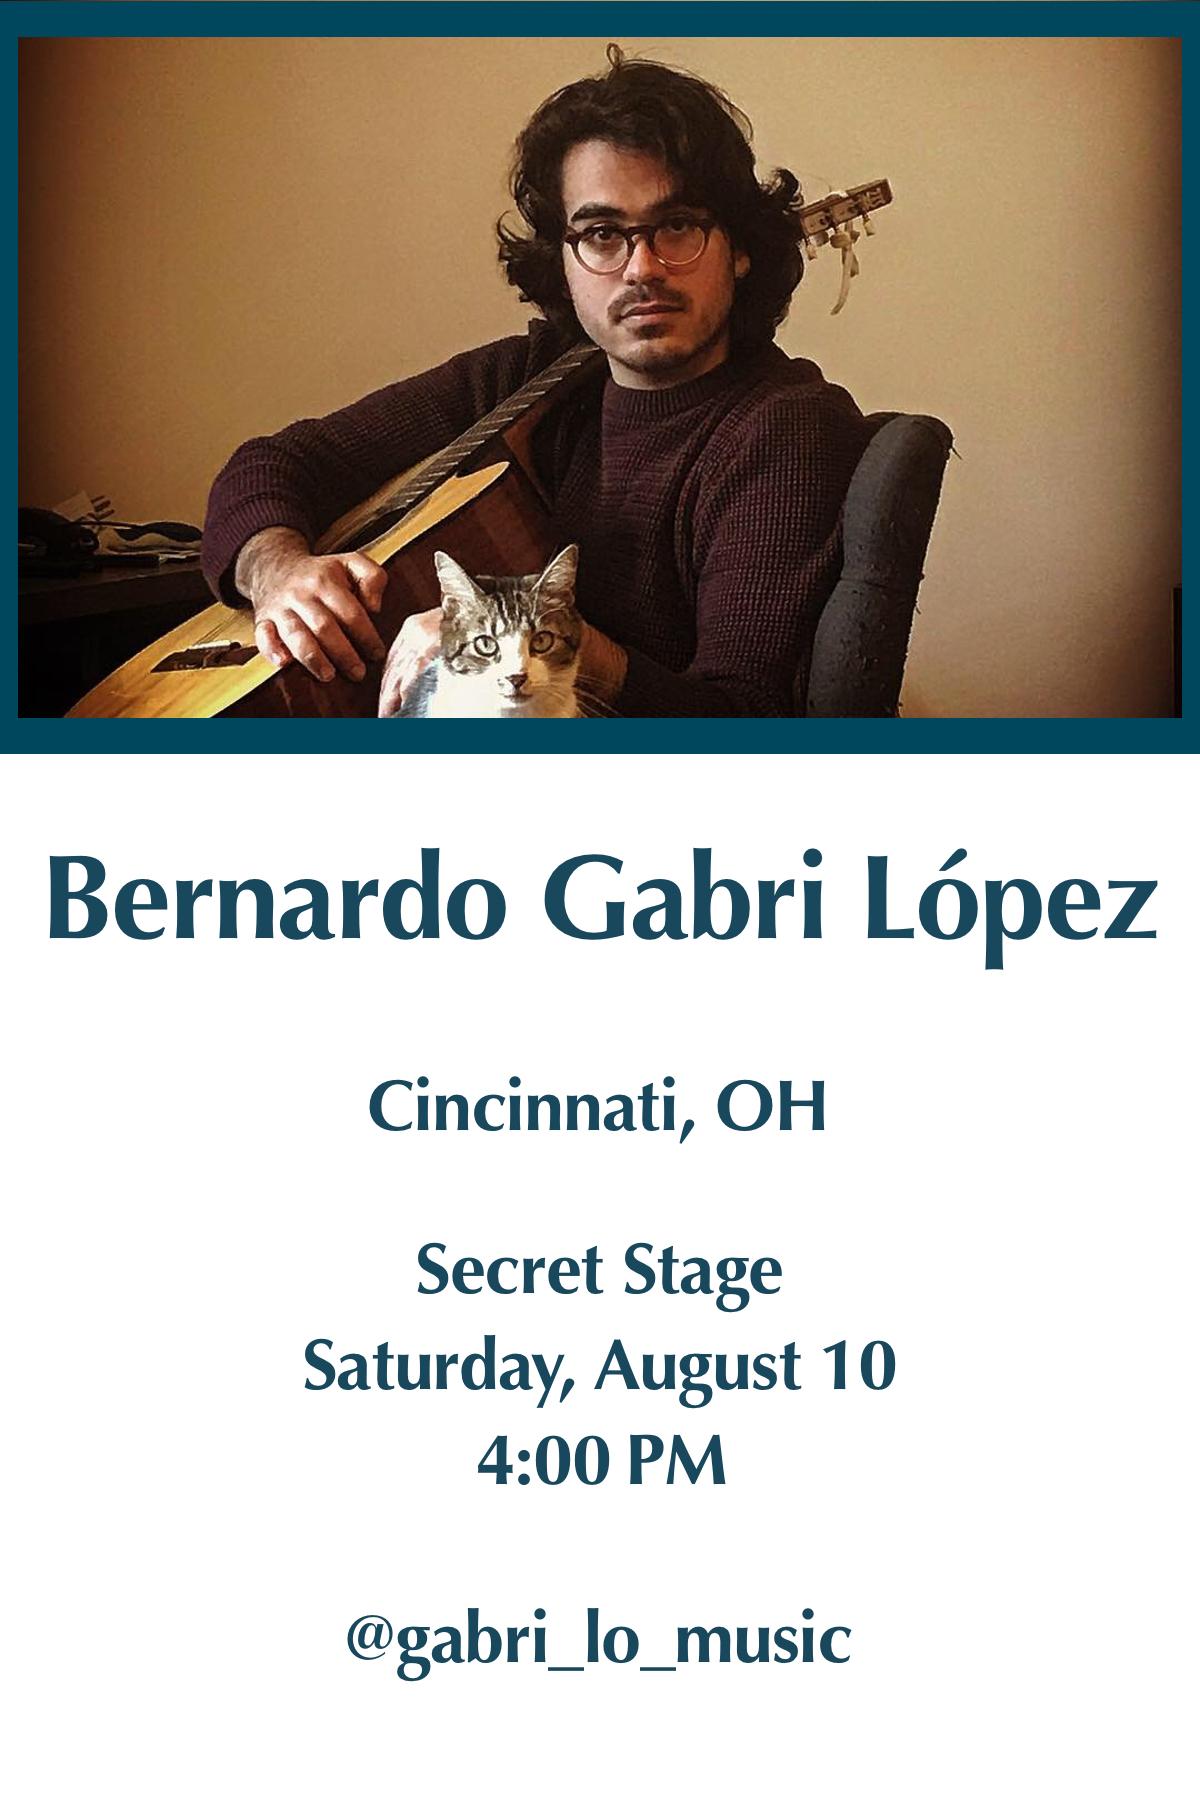 BernardoGabriLopez_Card.jpg